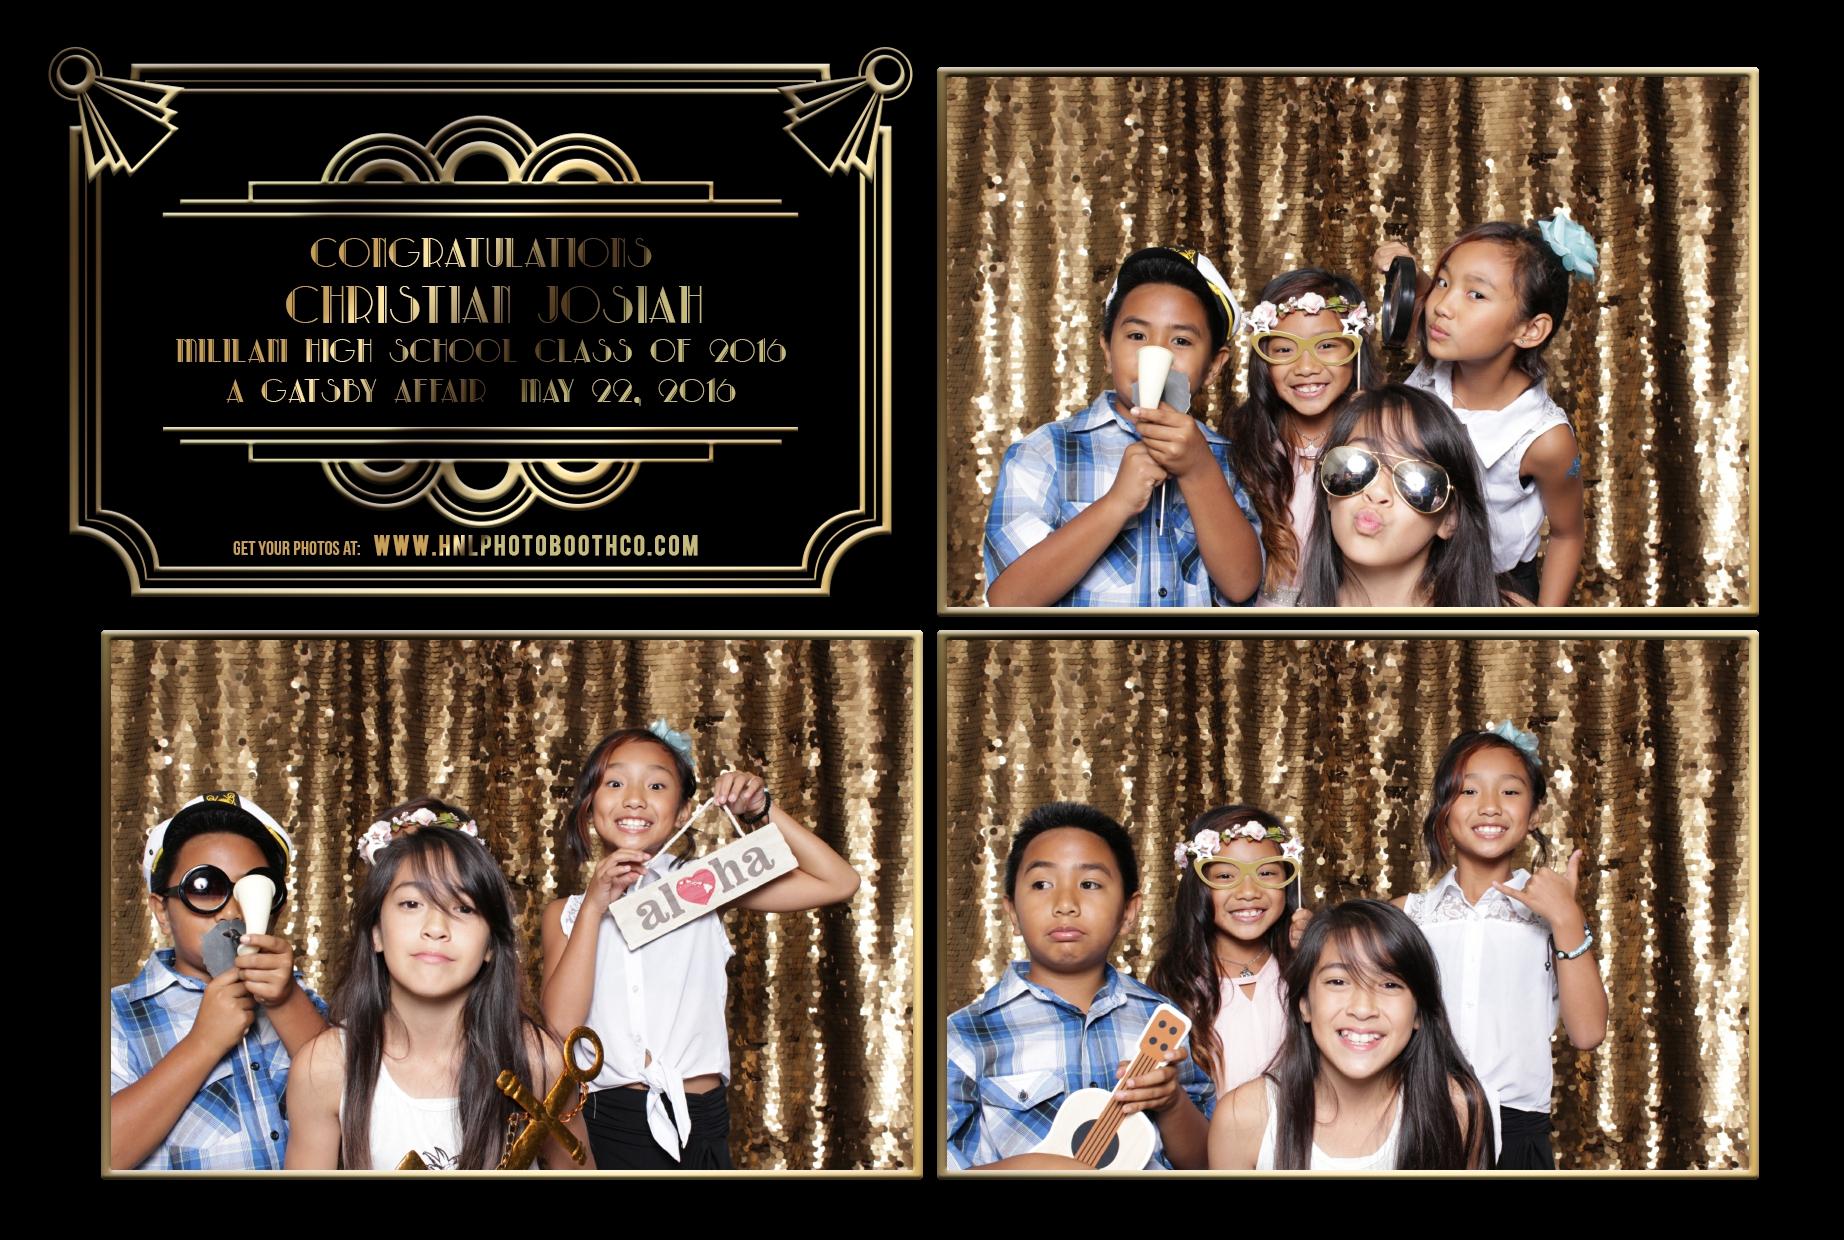 waipio mililani honolulu oahu hawaii photo booth for graduation wedding